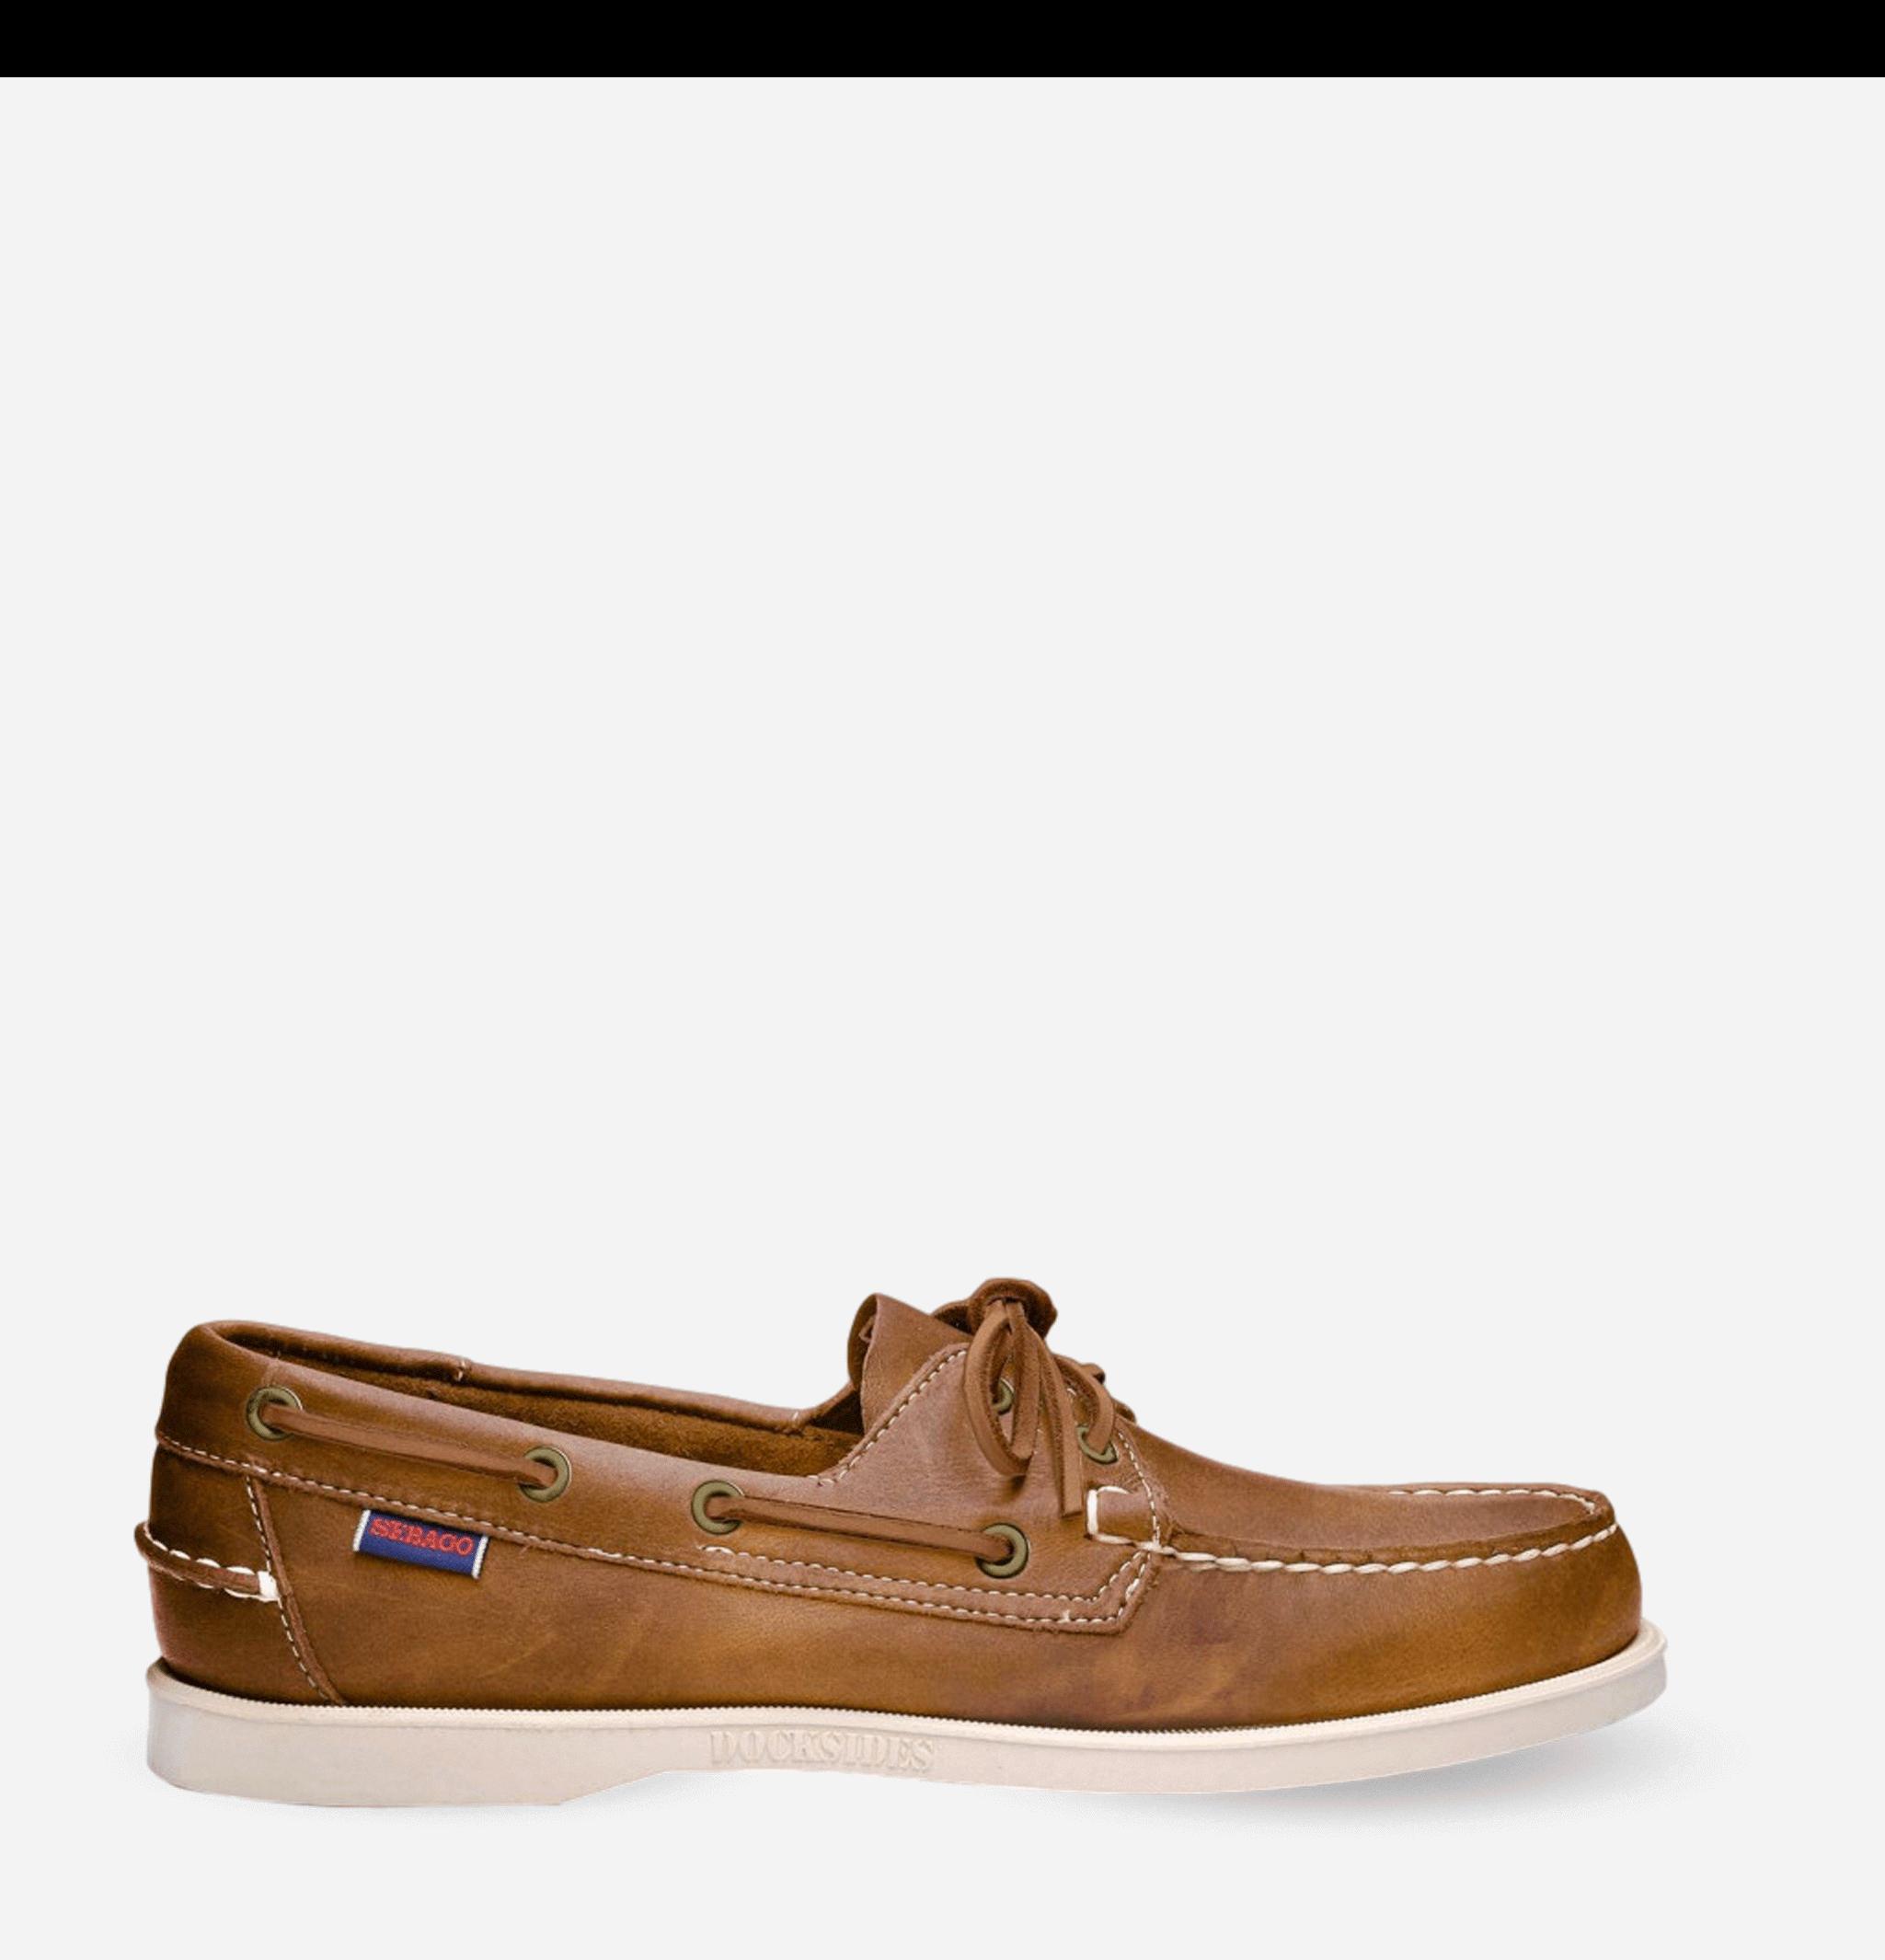 Docksides Shoes Brownwhite